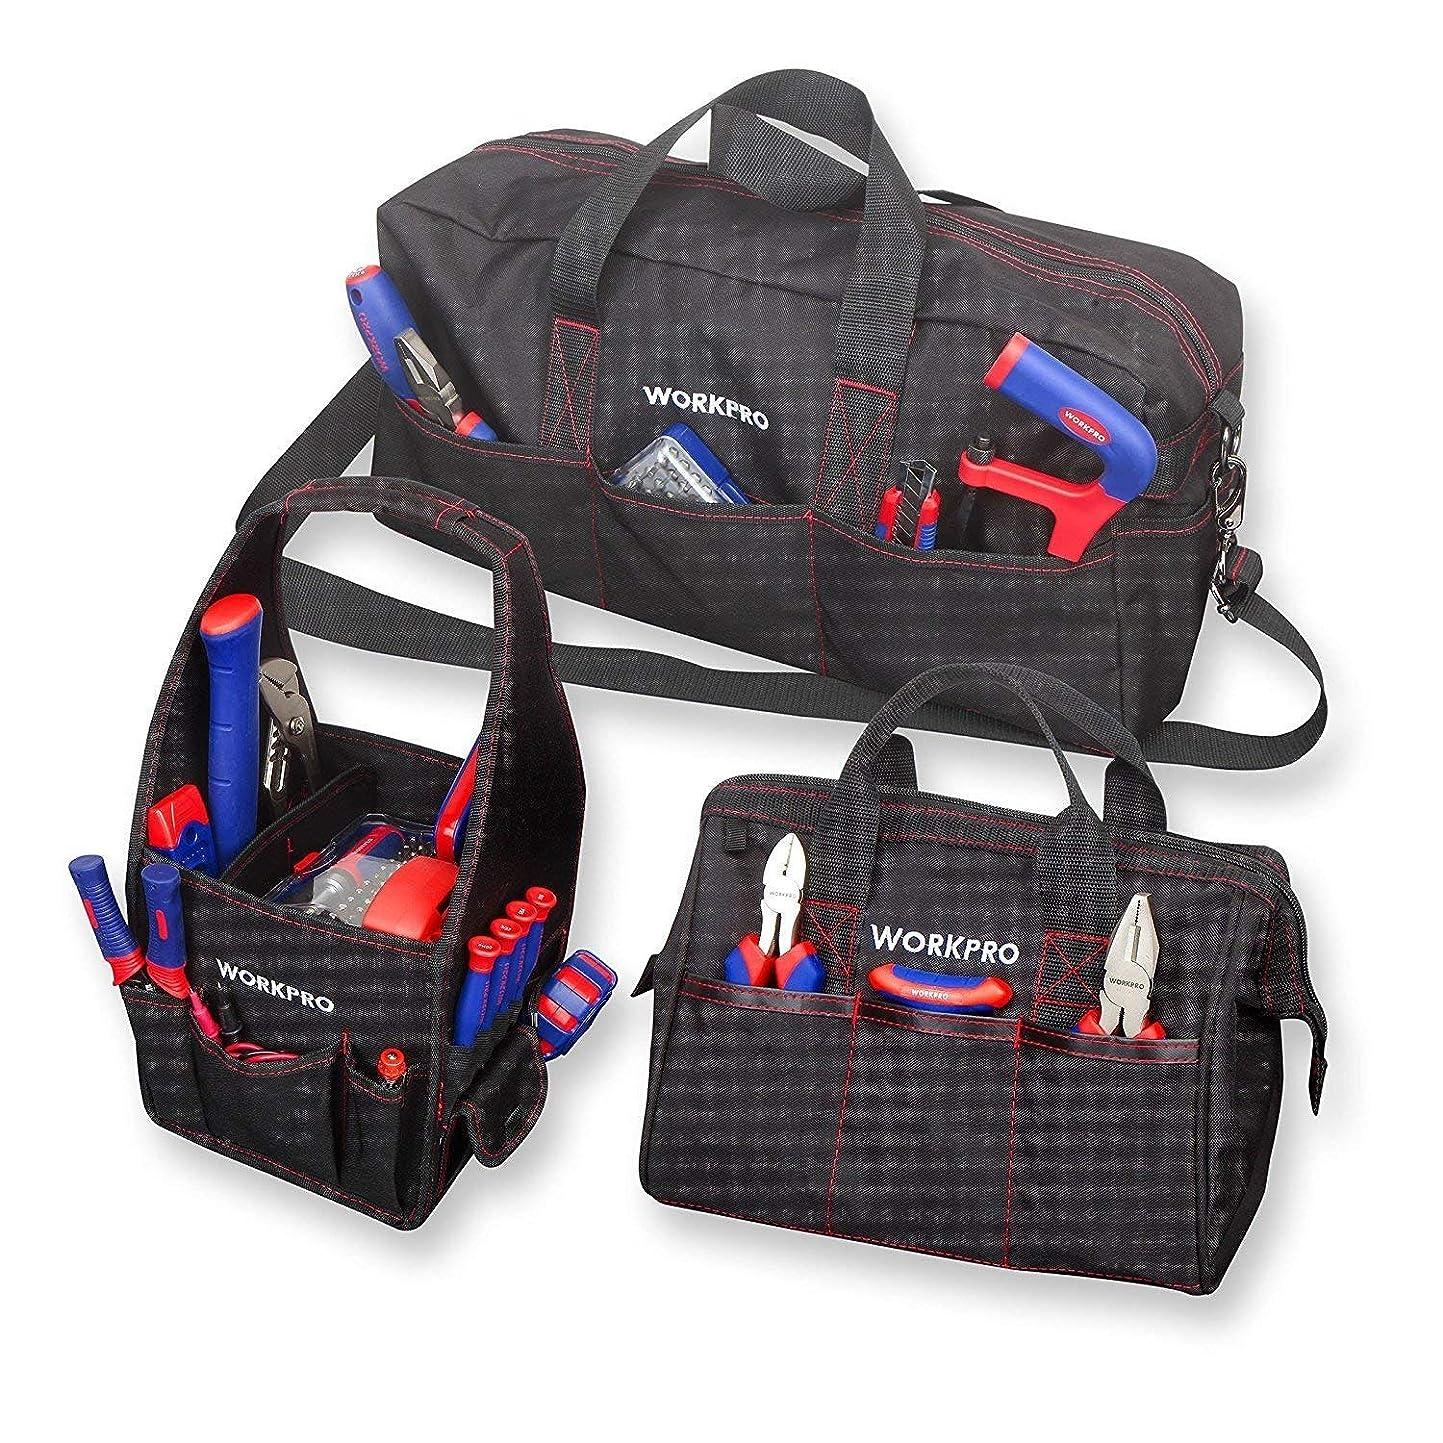 静脈虚弱休眠WORKPRO ツールバッグ3点セット 工具バッグ ショルダーバッグ ハンドバッグ 工具入れ 工具収納 3サイズ道具袋